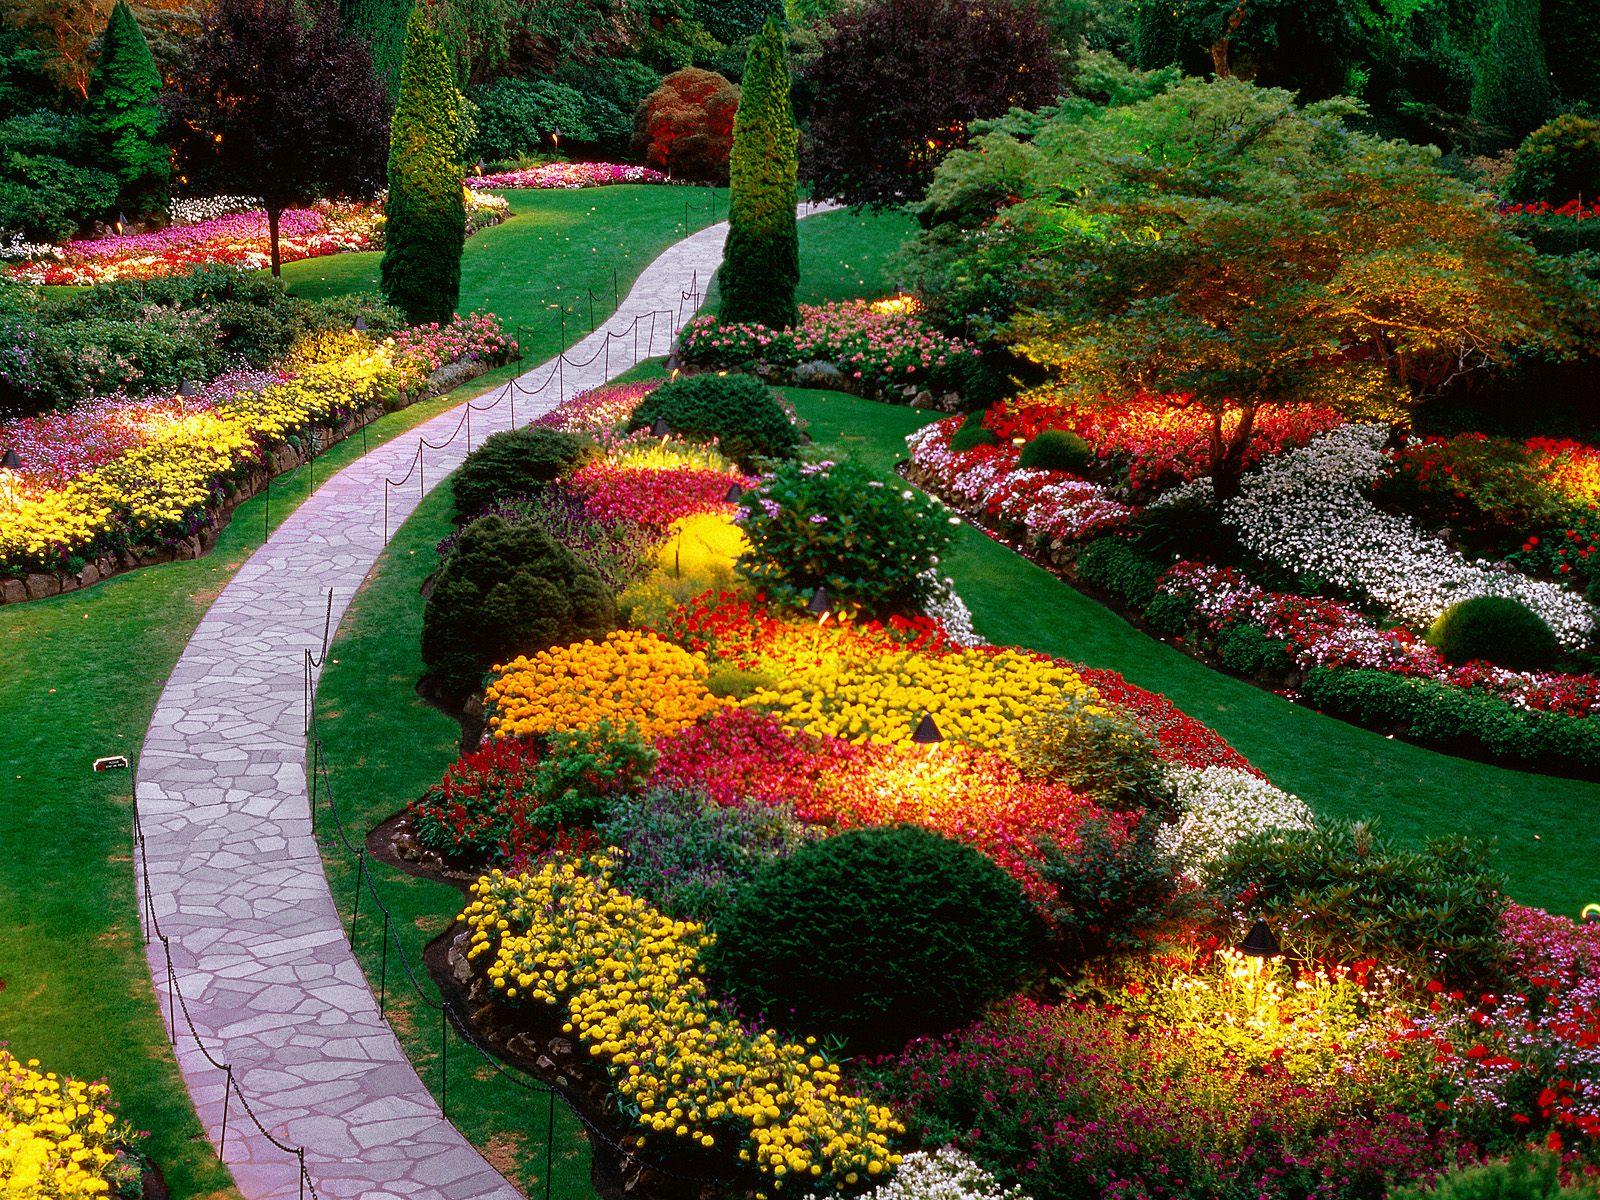 Flower Garden Wallpaper 646 HD Wallpaper 3D Desktop Backgrounds 1600x1200